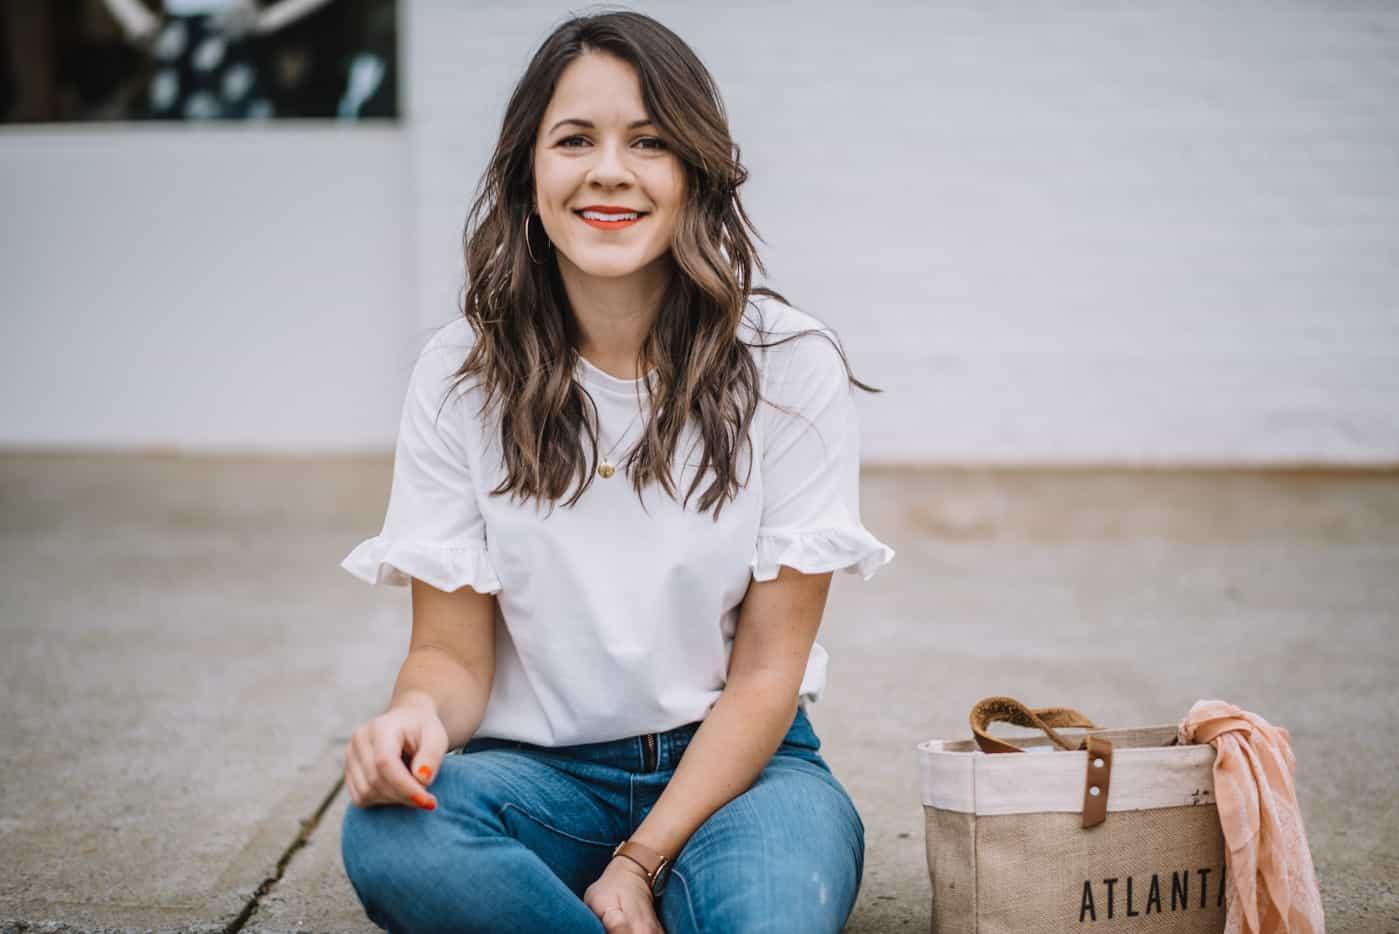 Jessica Camerata, Atlanta blogger, top fashion blogger - My Style Vita